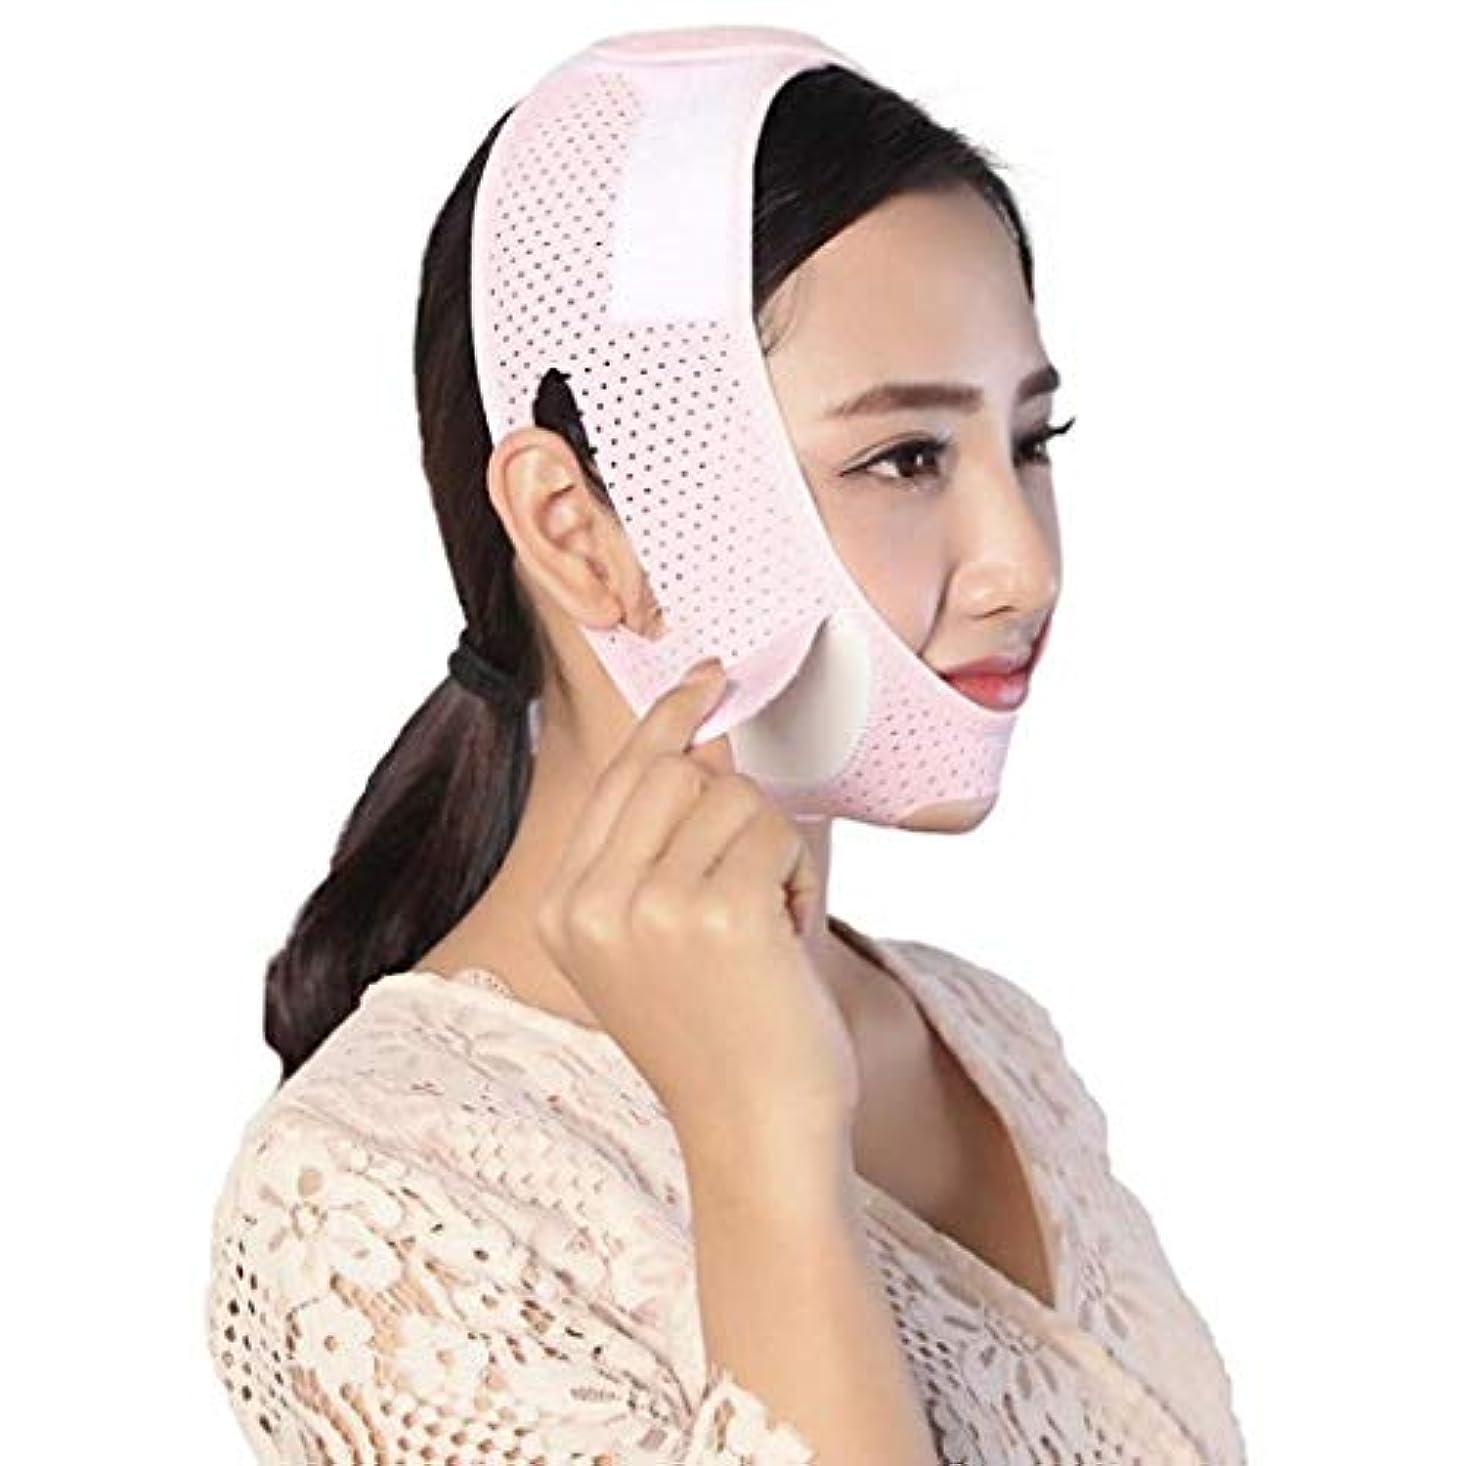 溶けるミュウミュウ渇きVフェイスリフティング痩身Vフェイスマスクフルカバレッジ包帯減らす顔の二重あごケア減量美容ベルト通気性